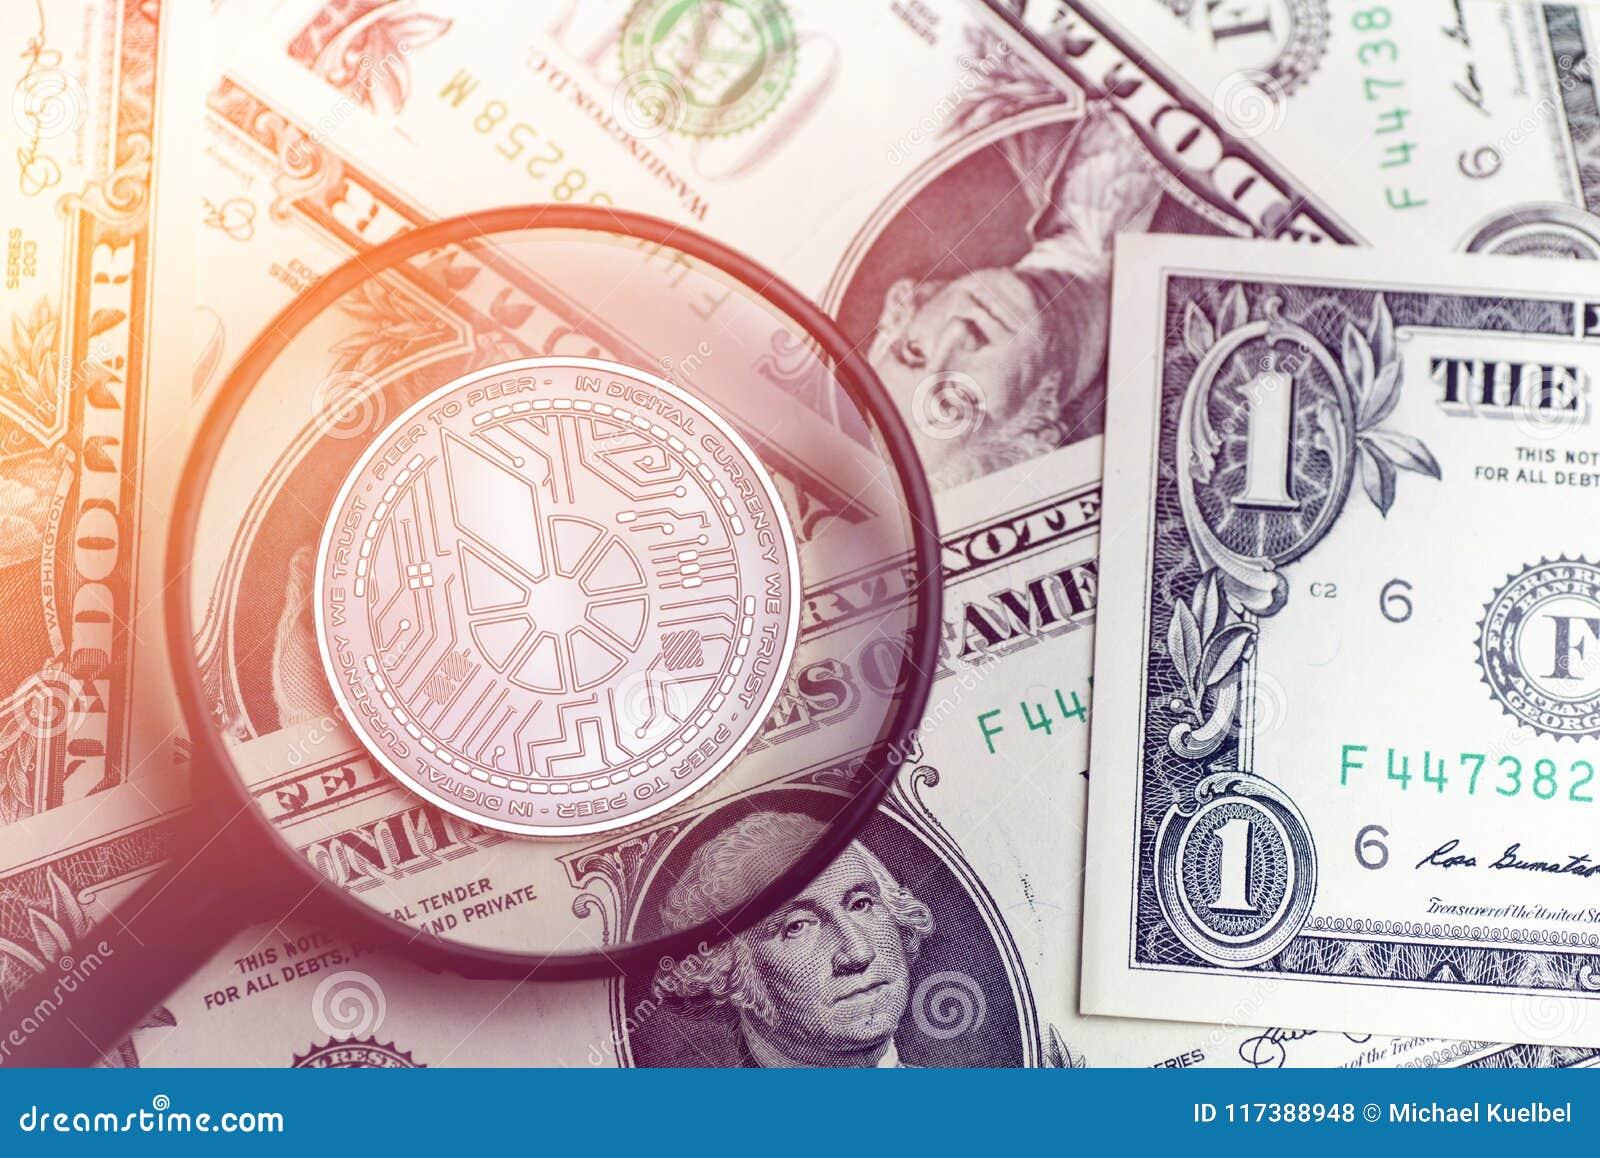 Moeda dourada brilhante do cryptocurrency de BITSHARES no fundo obscuro com ilustração do dinheiro 3d do dólar